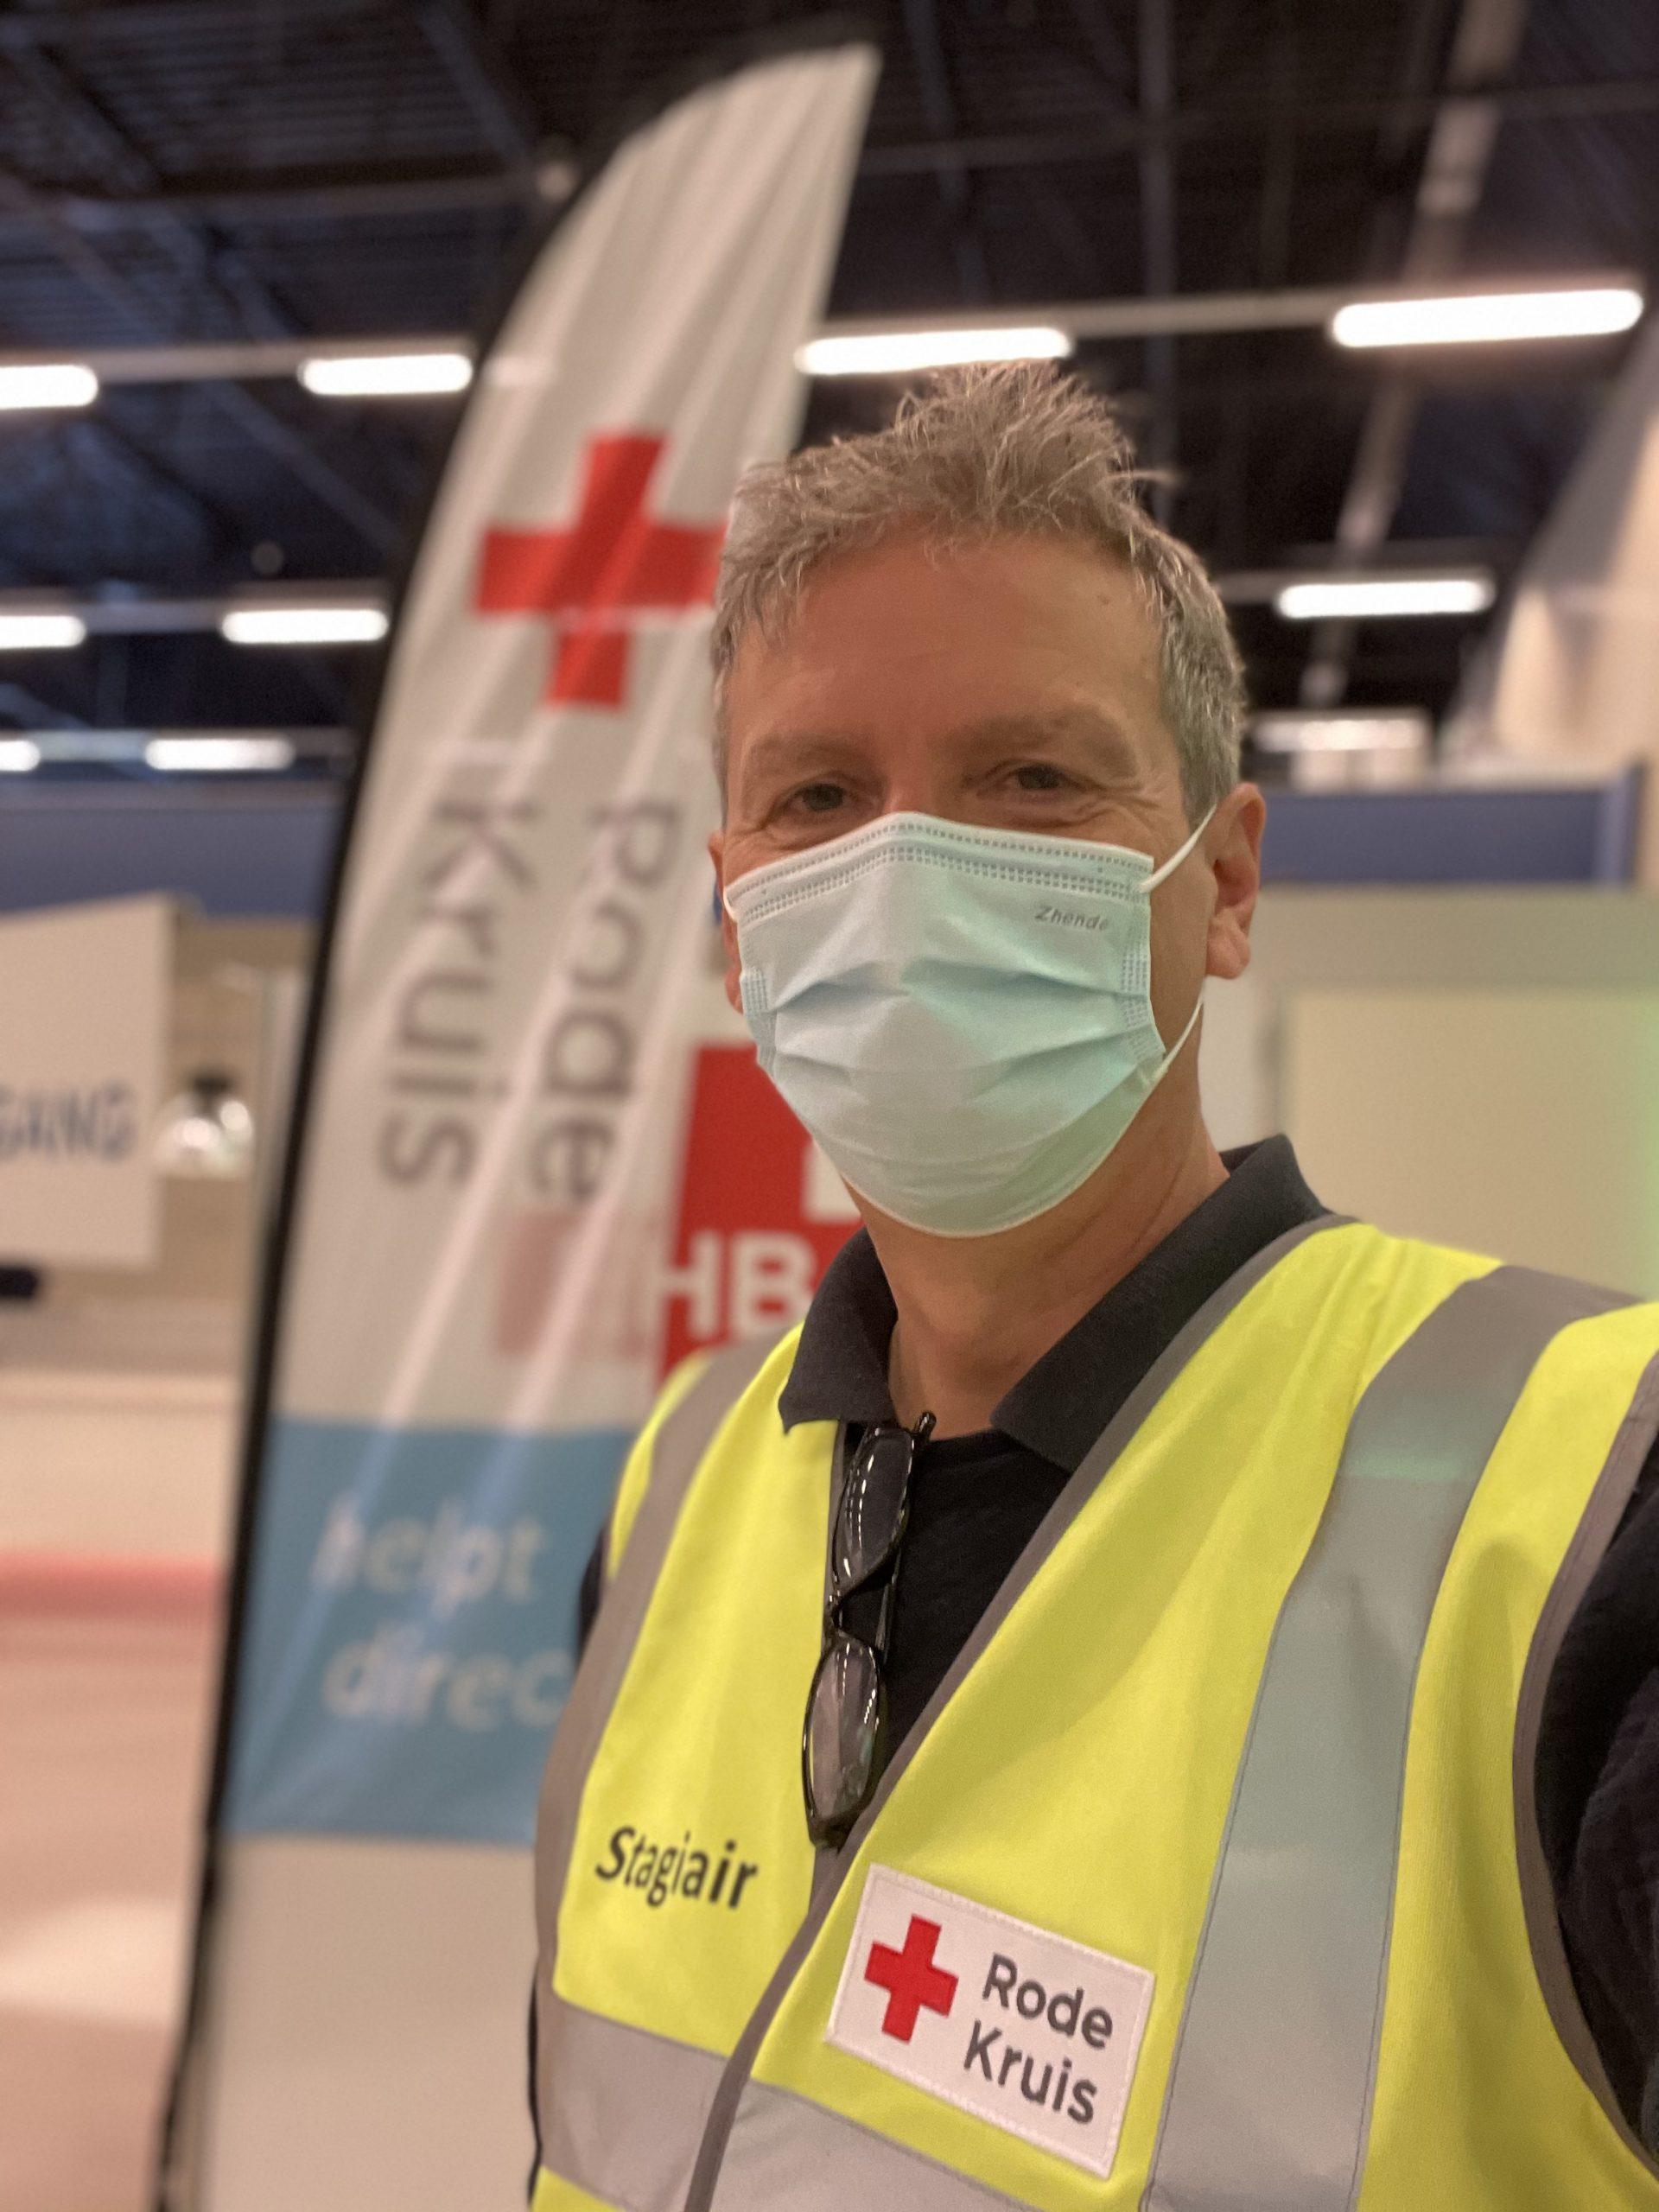 Red Cross Volunteer!